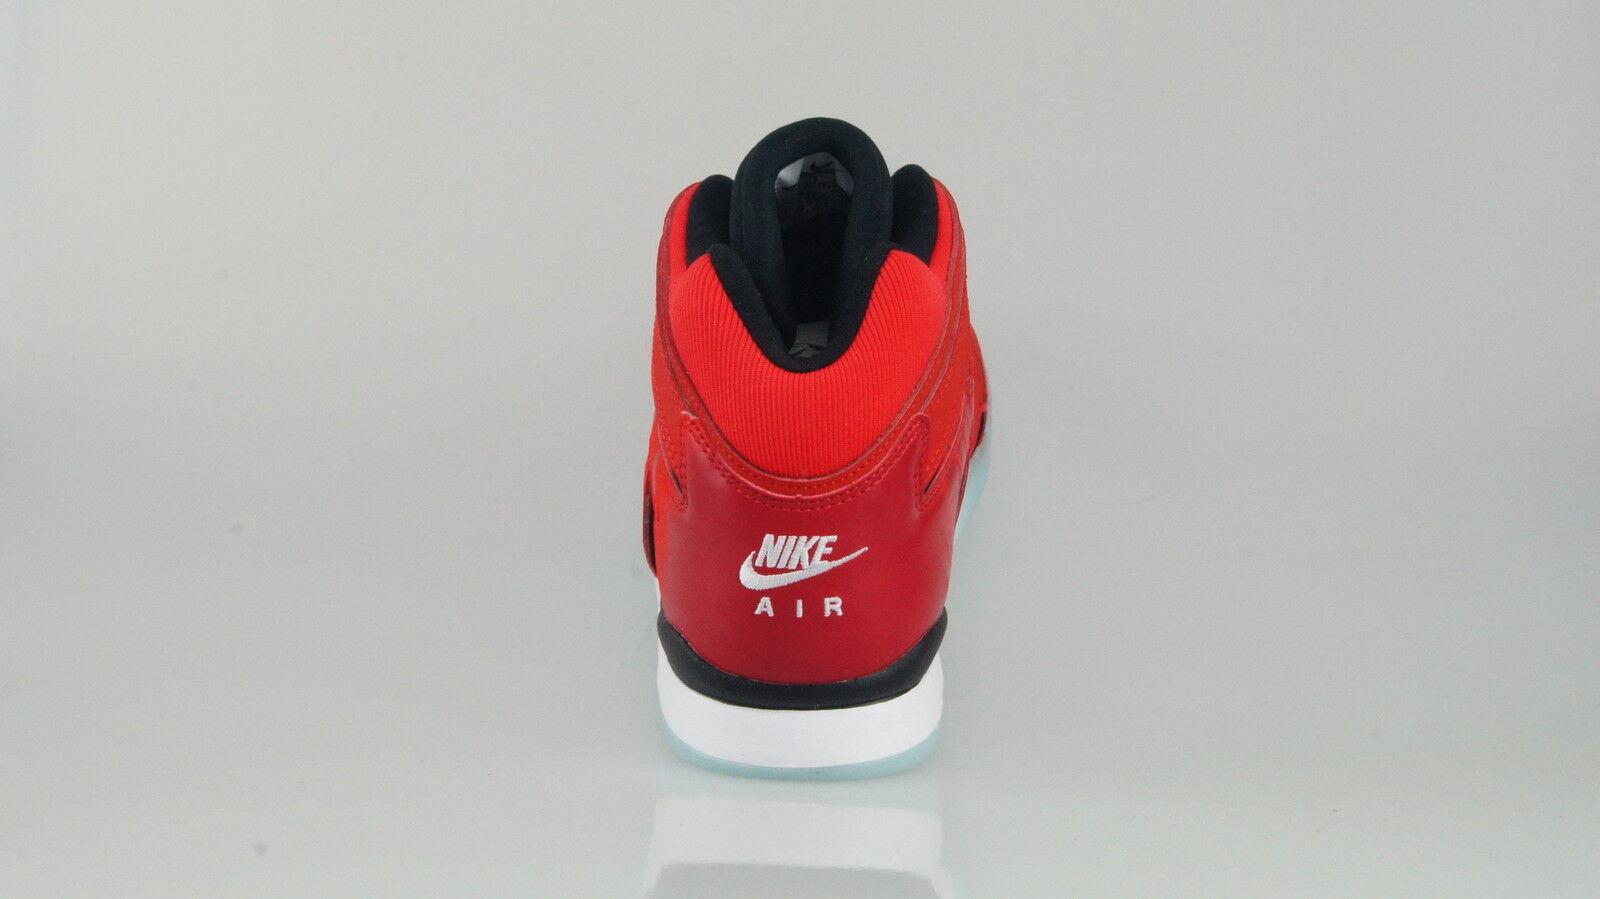 Nike air tech challenge - größe (9us) 42,5 (9us) größe 4c956e